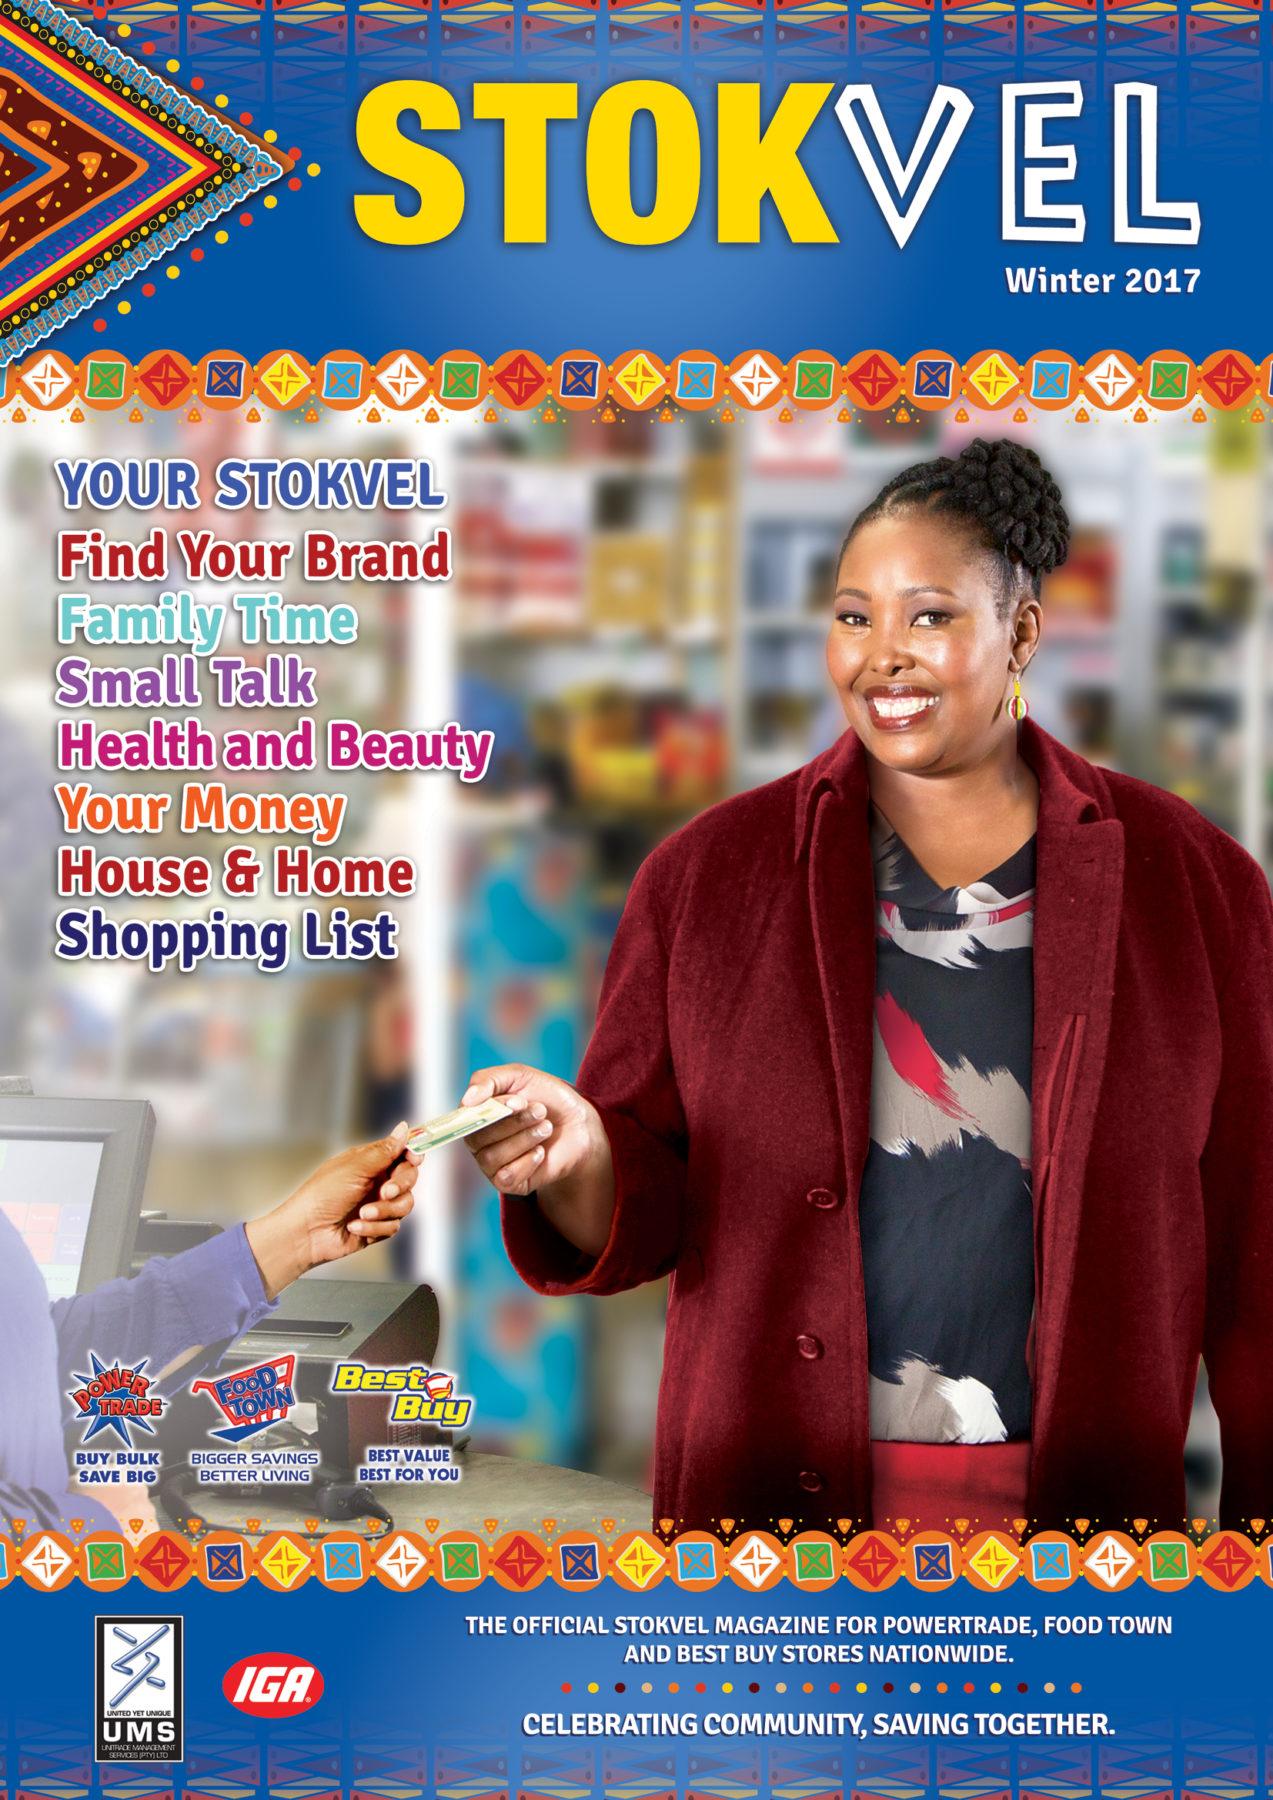 Stokvel Magazine Winter 2017 (1)